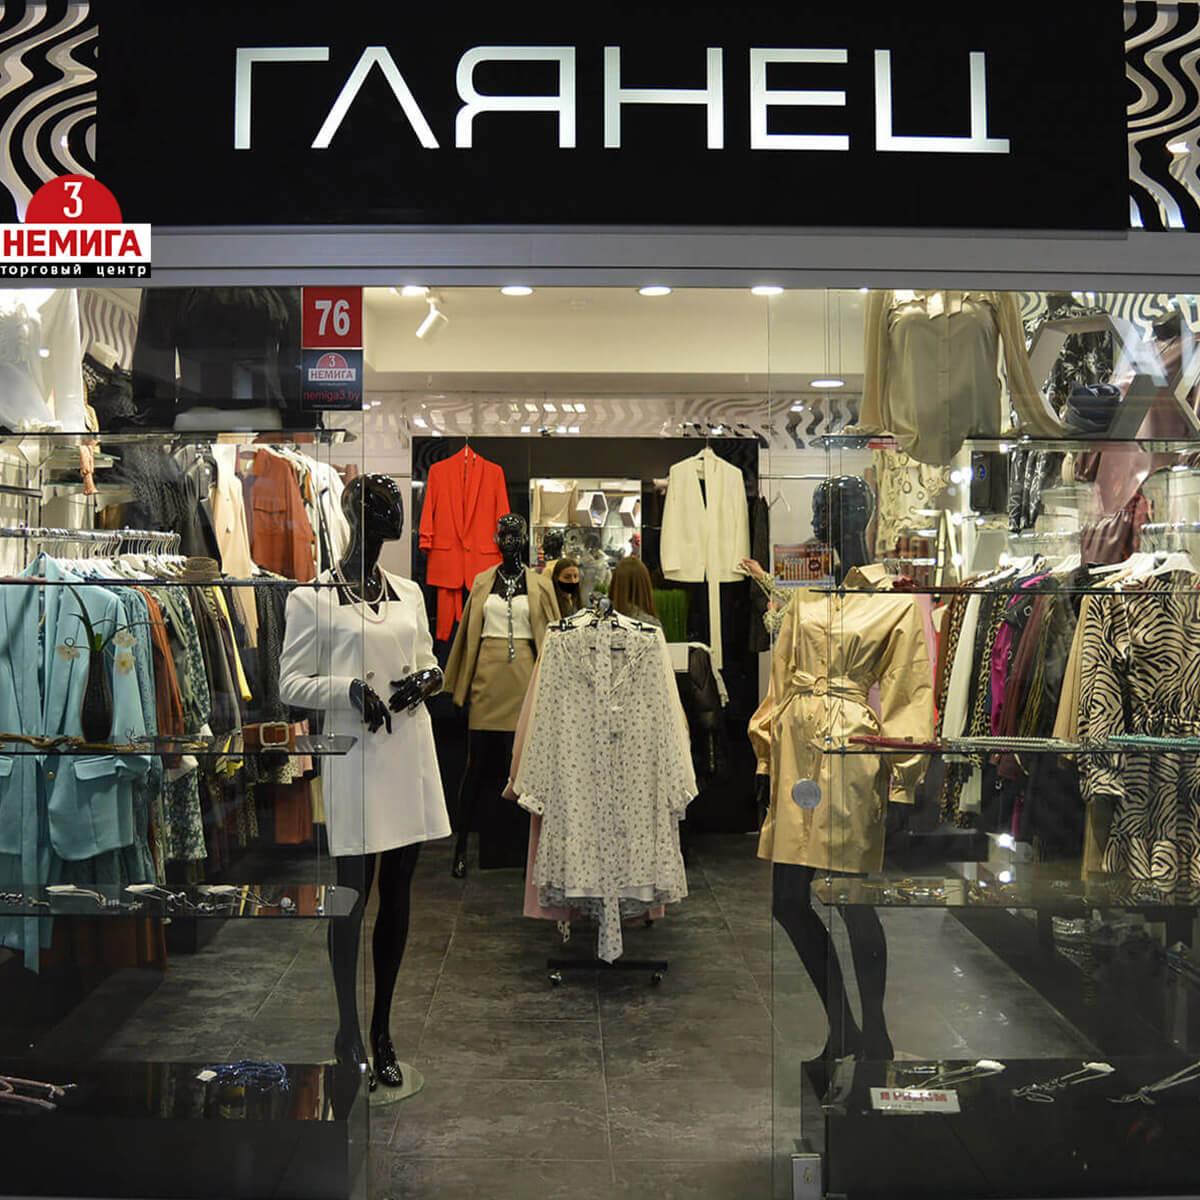 Магазин «ГЛЯНЕЦ» приглашает на новинки сезона женской одежды в Торговый Центр «Немига 3», г. Минск